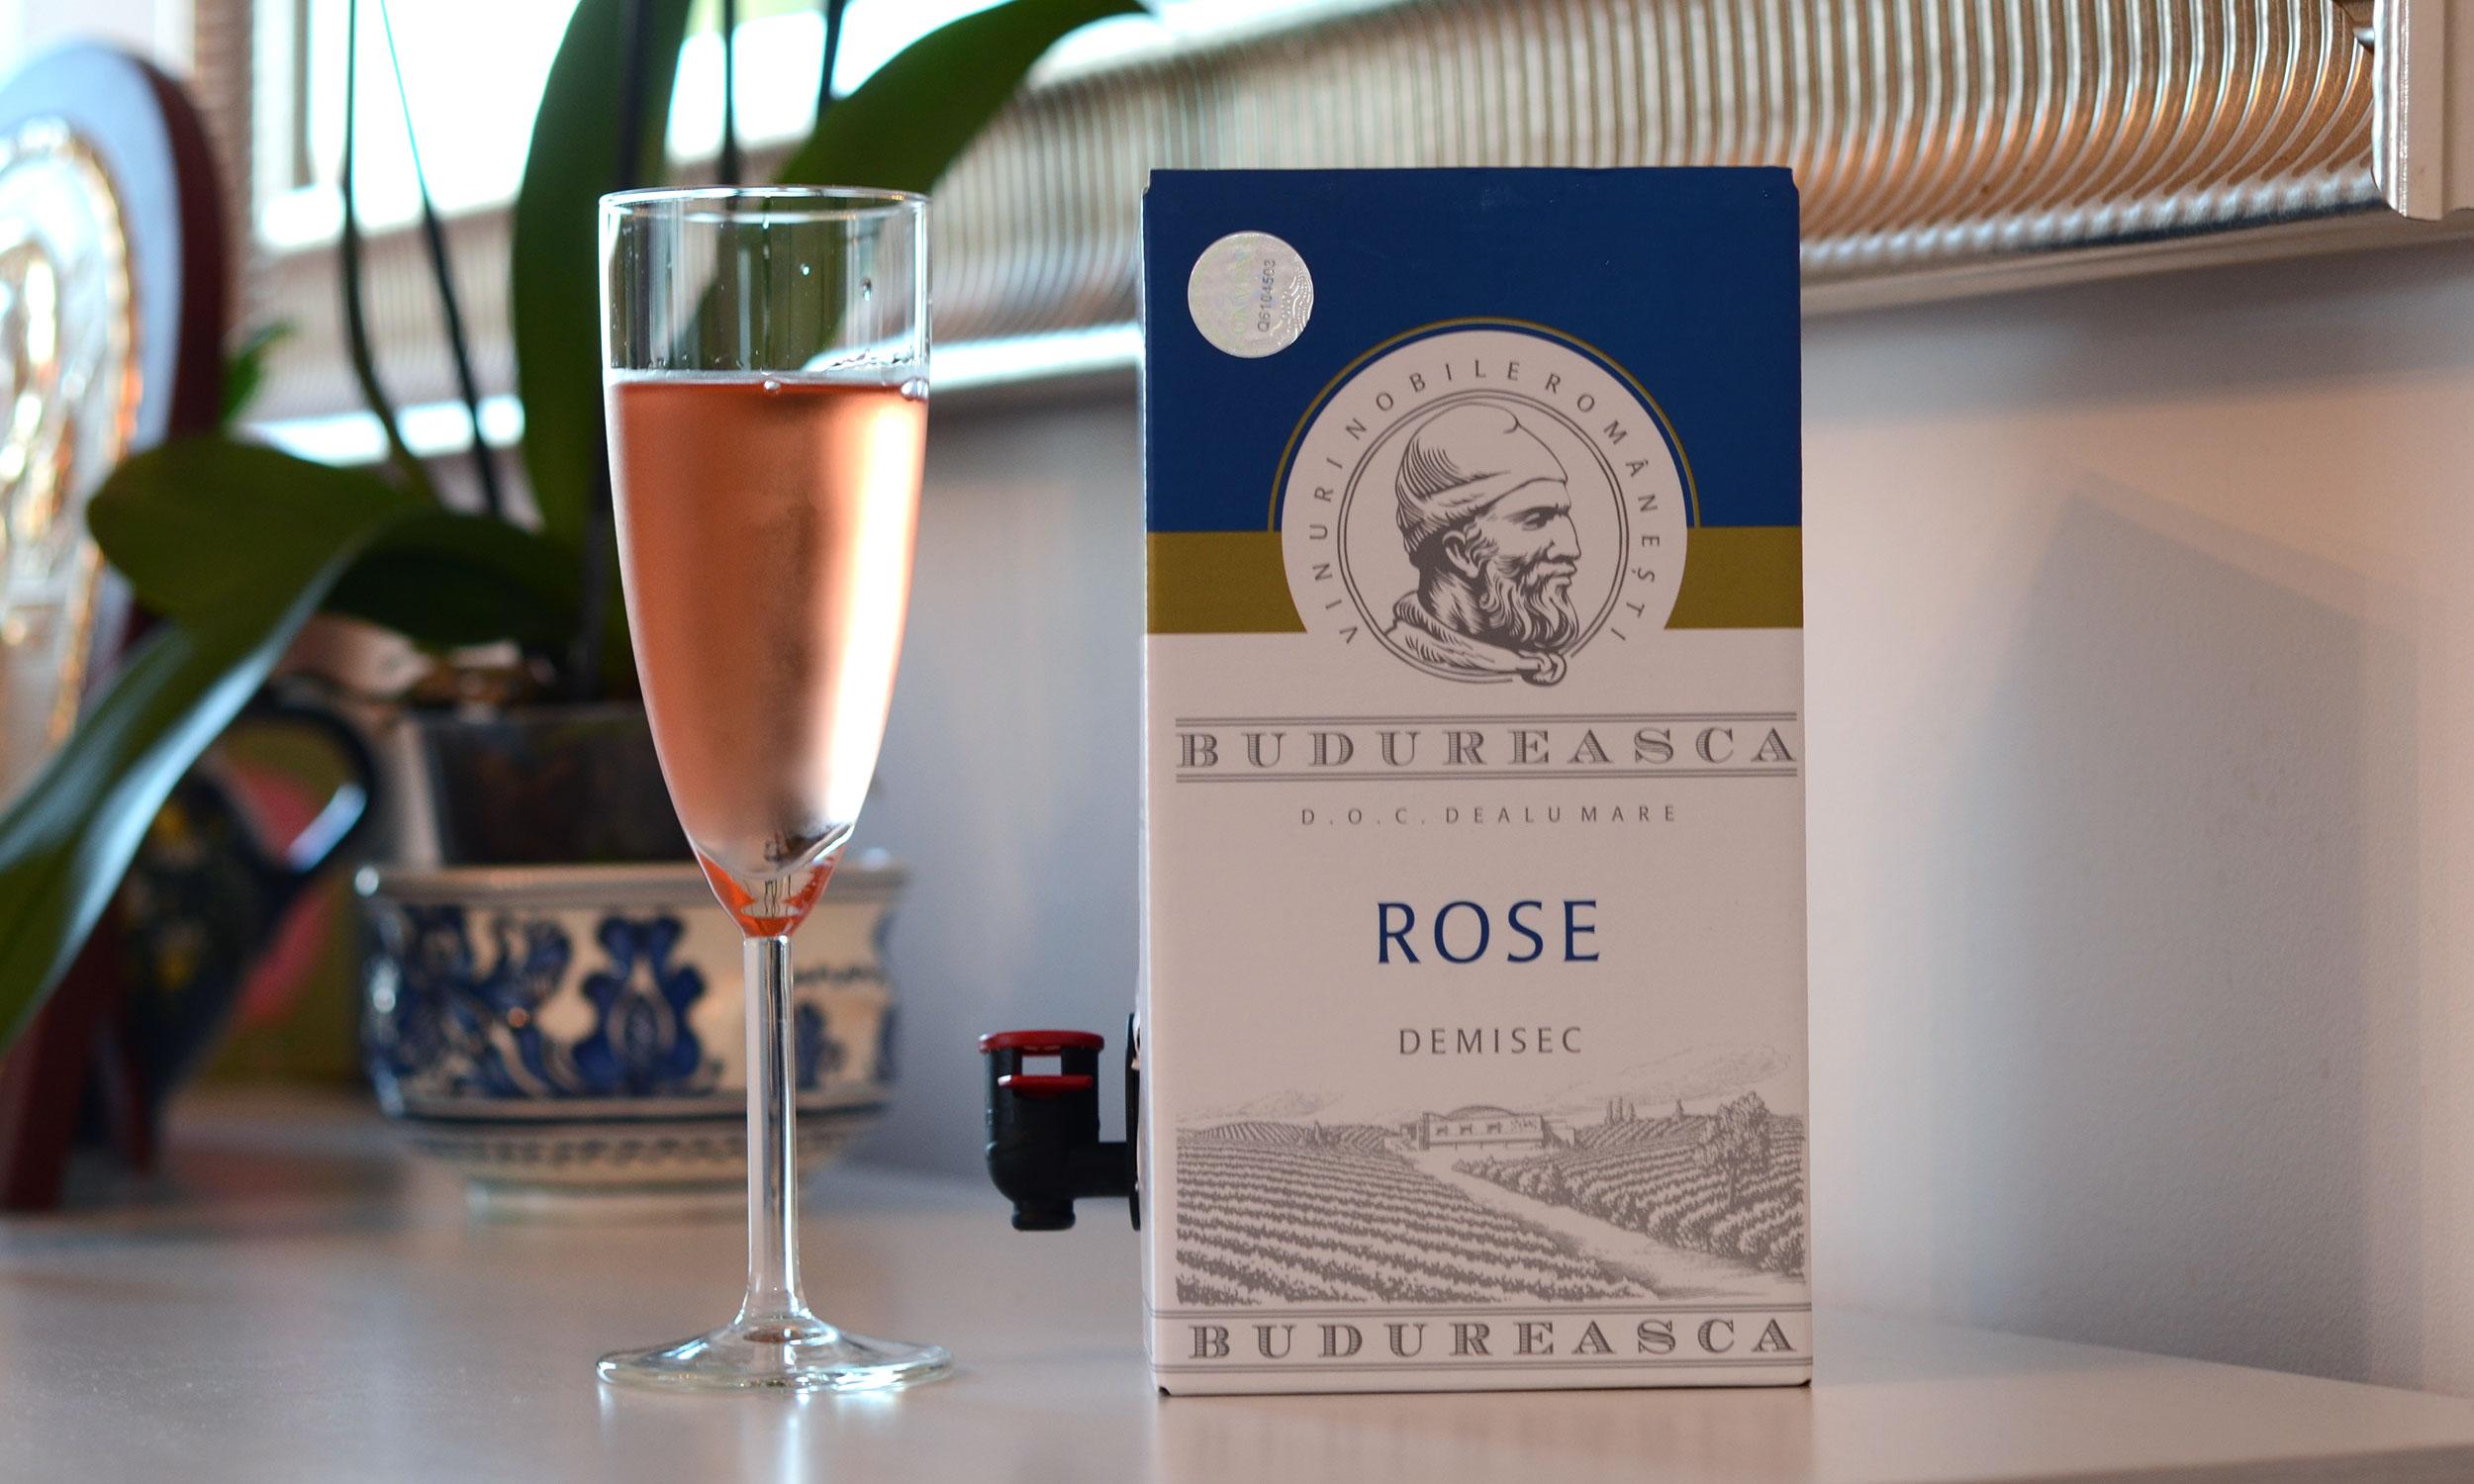 Budureasca, rosé, 2015